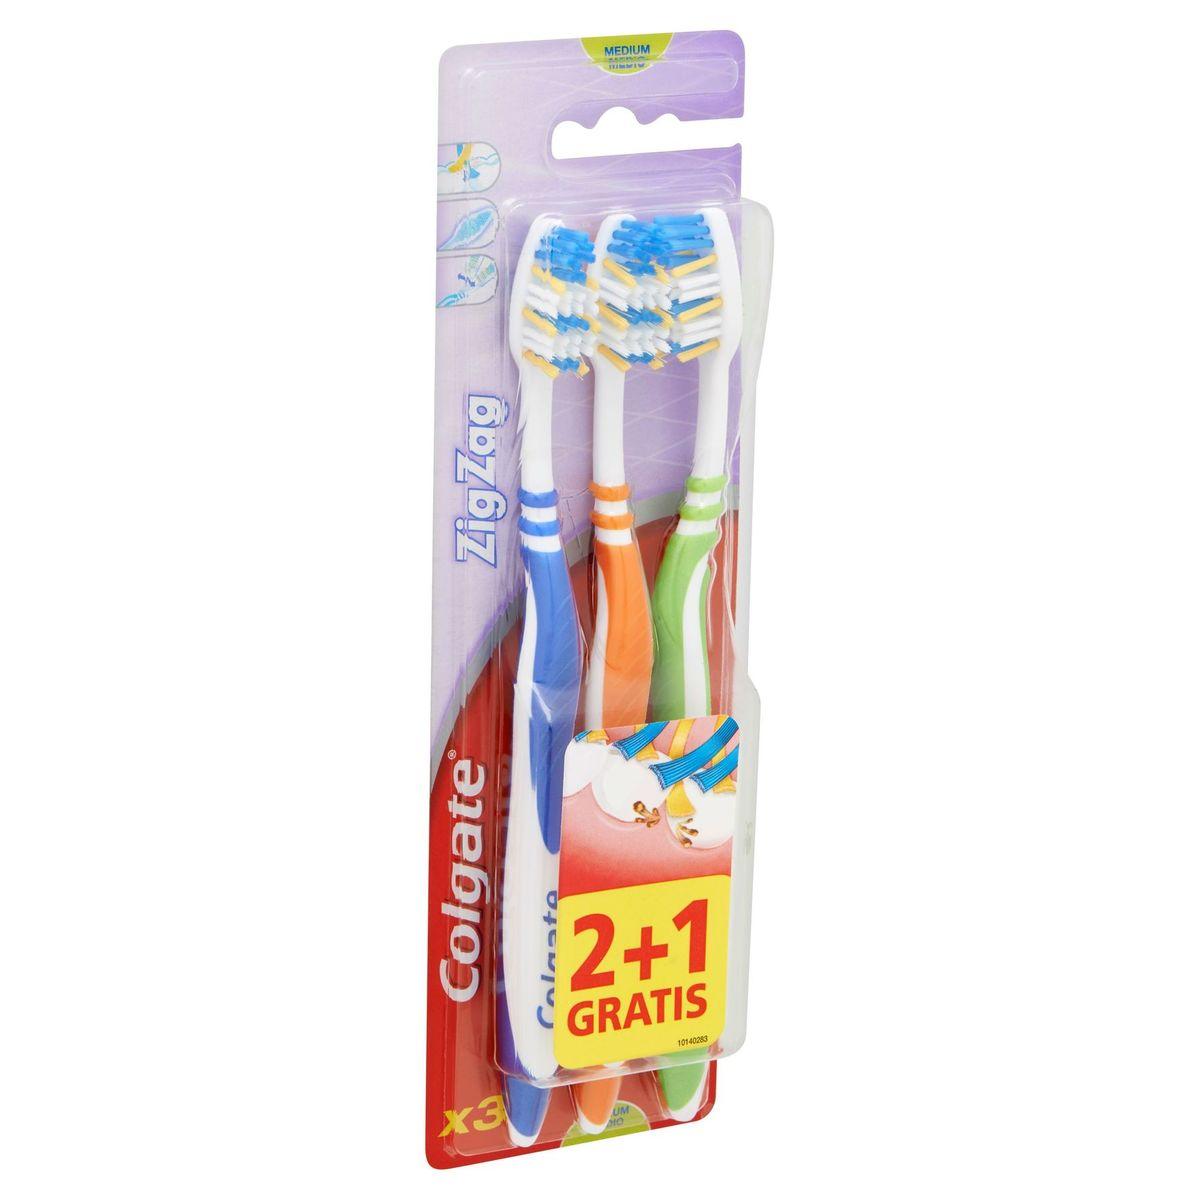 Colgate ZigZag Medium Brosse à Dents 2 + 1 Gratis